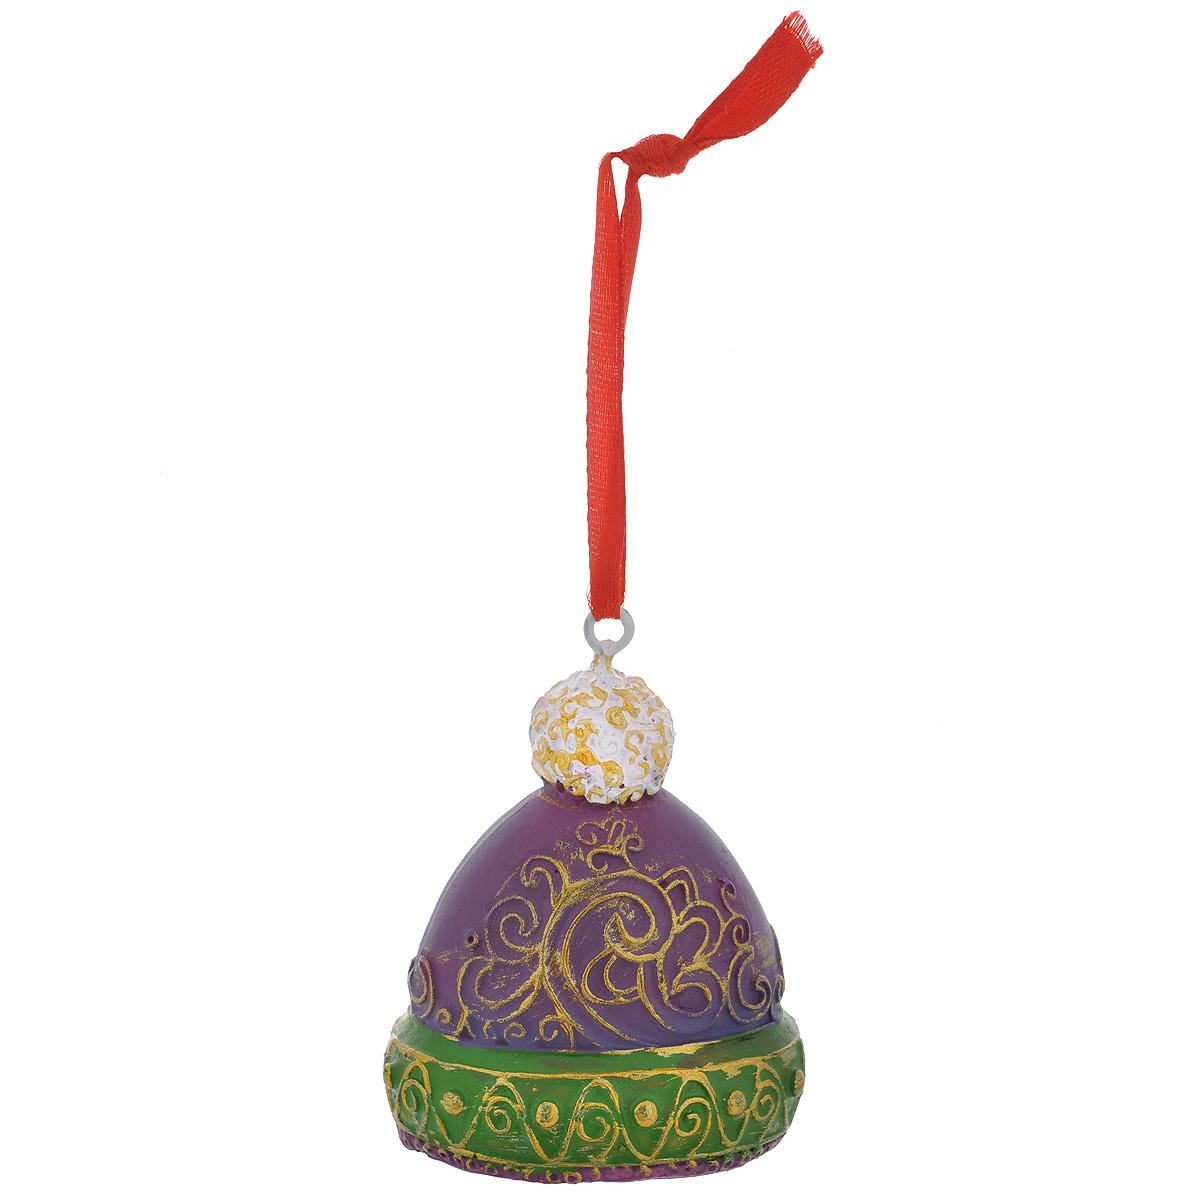 Новогоднее подвесное украшение Феникс-Презент Шапка, цвет: фиолетовый, зеленый. 34598 новогоднее подвесное украшение собака ф21 1716